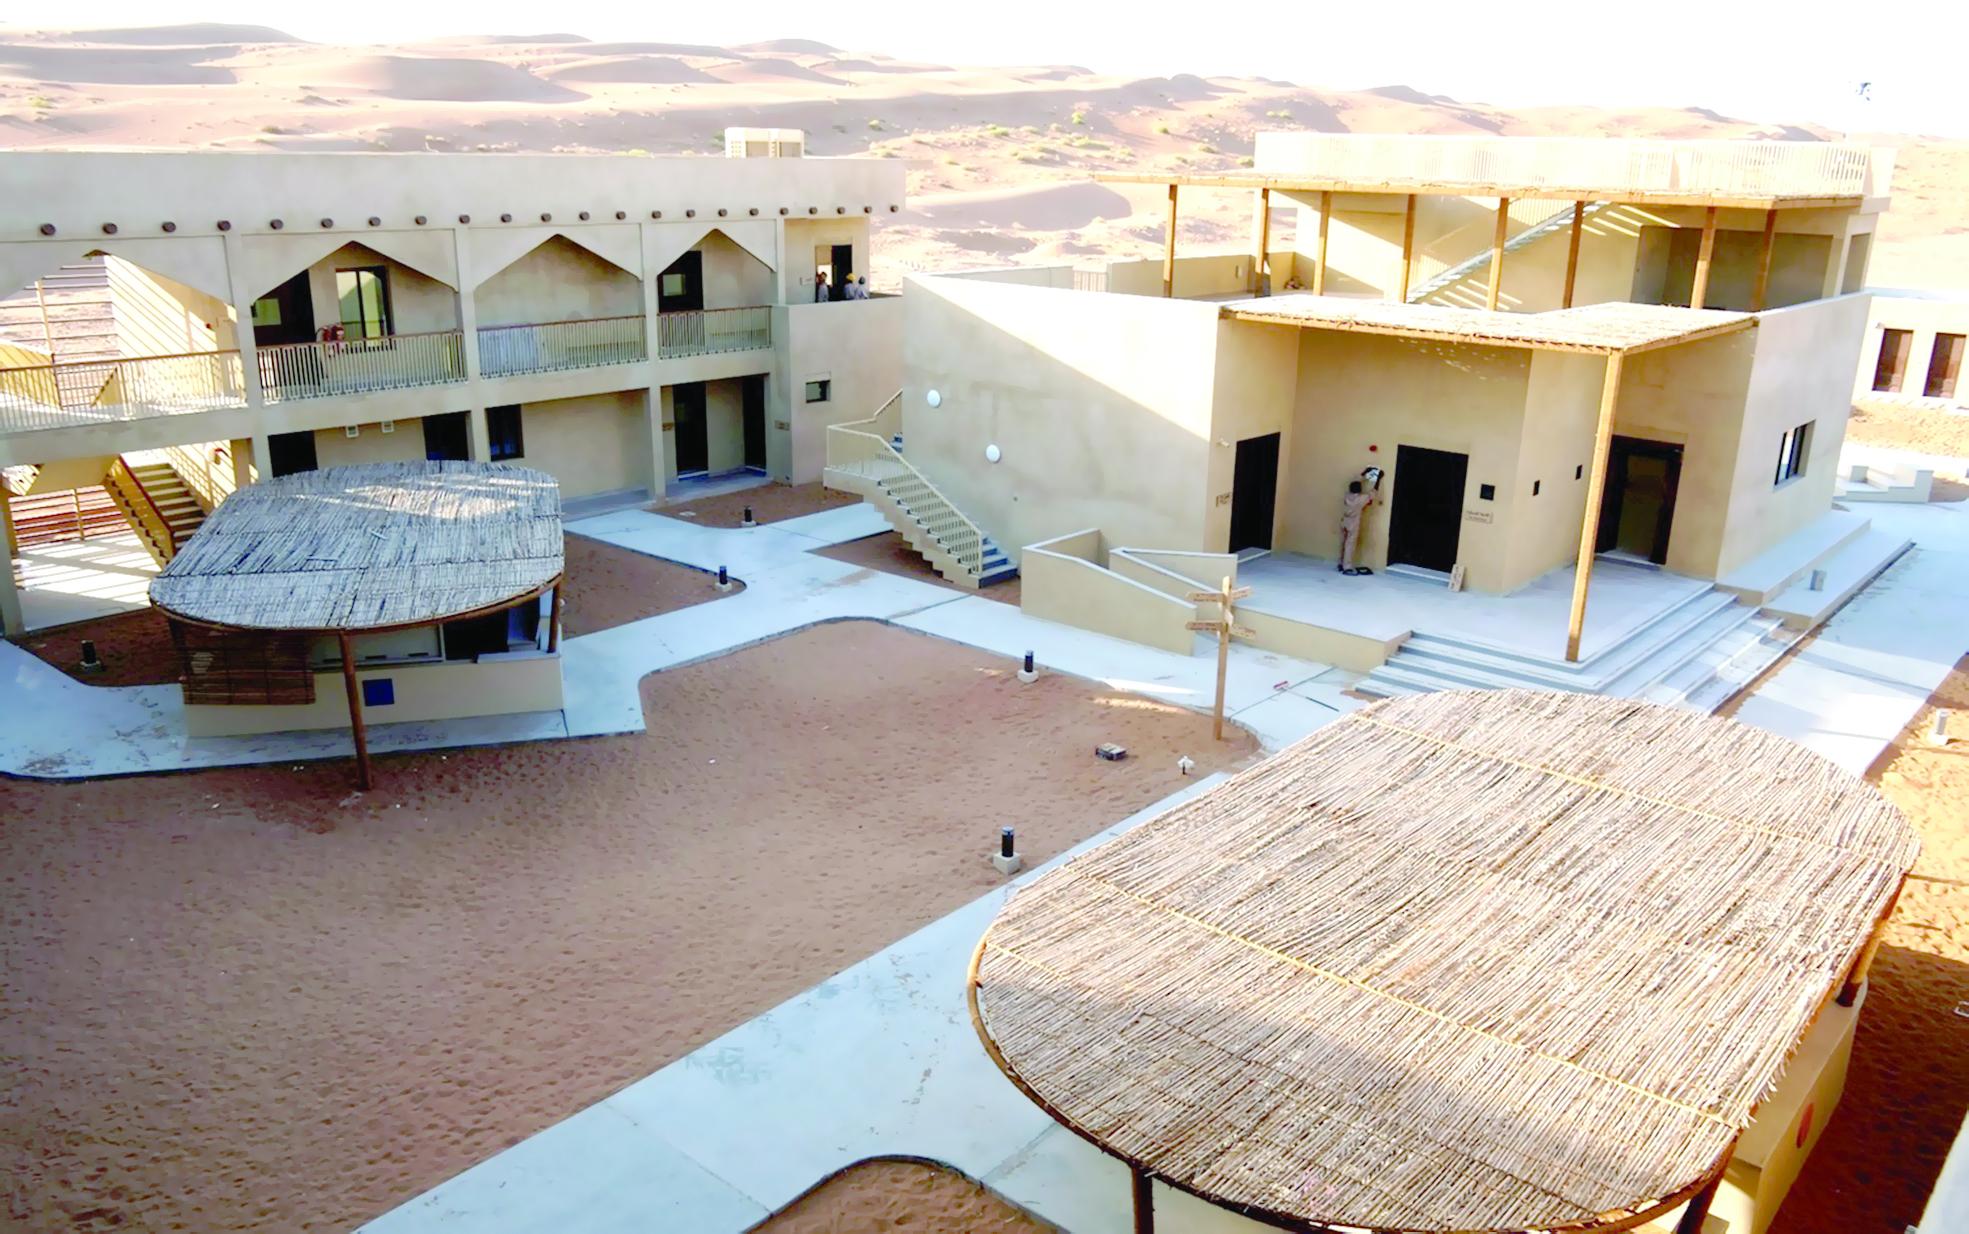 أوتورد باوند عُمان تفتتح أول مركز تدريب في رمال الشرقية